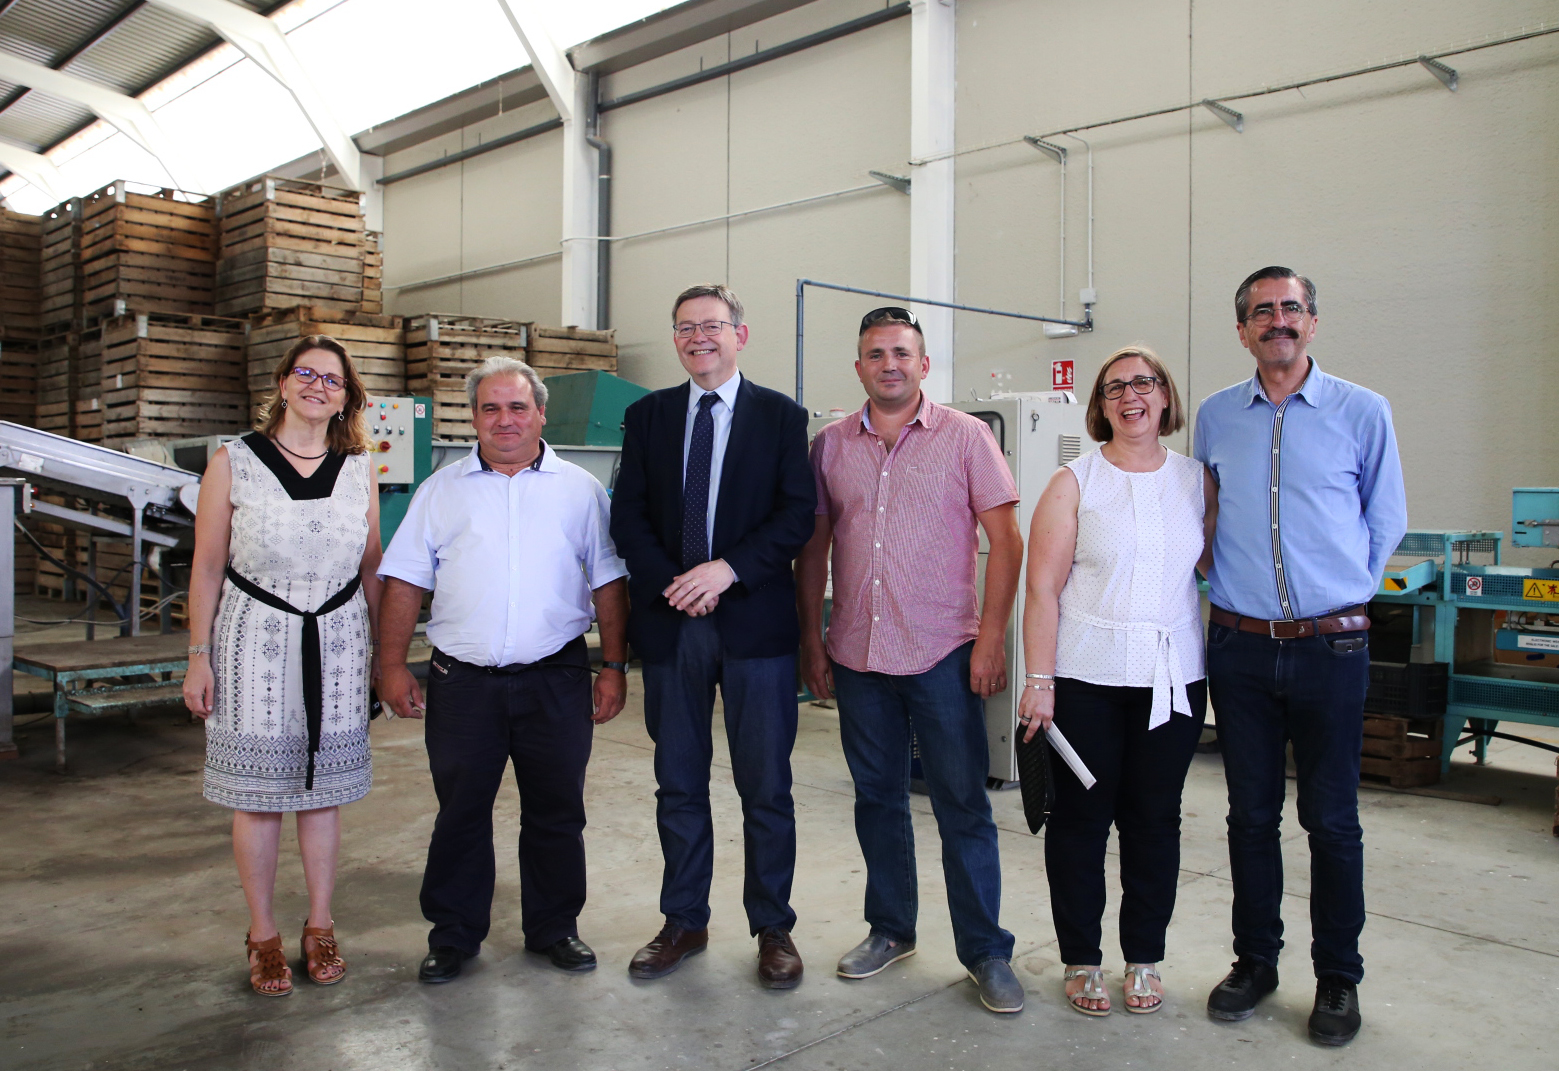 El jefe del Consell ha visitado las instalaciones de la cooperativa Vircoop CV de Torrebaja.